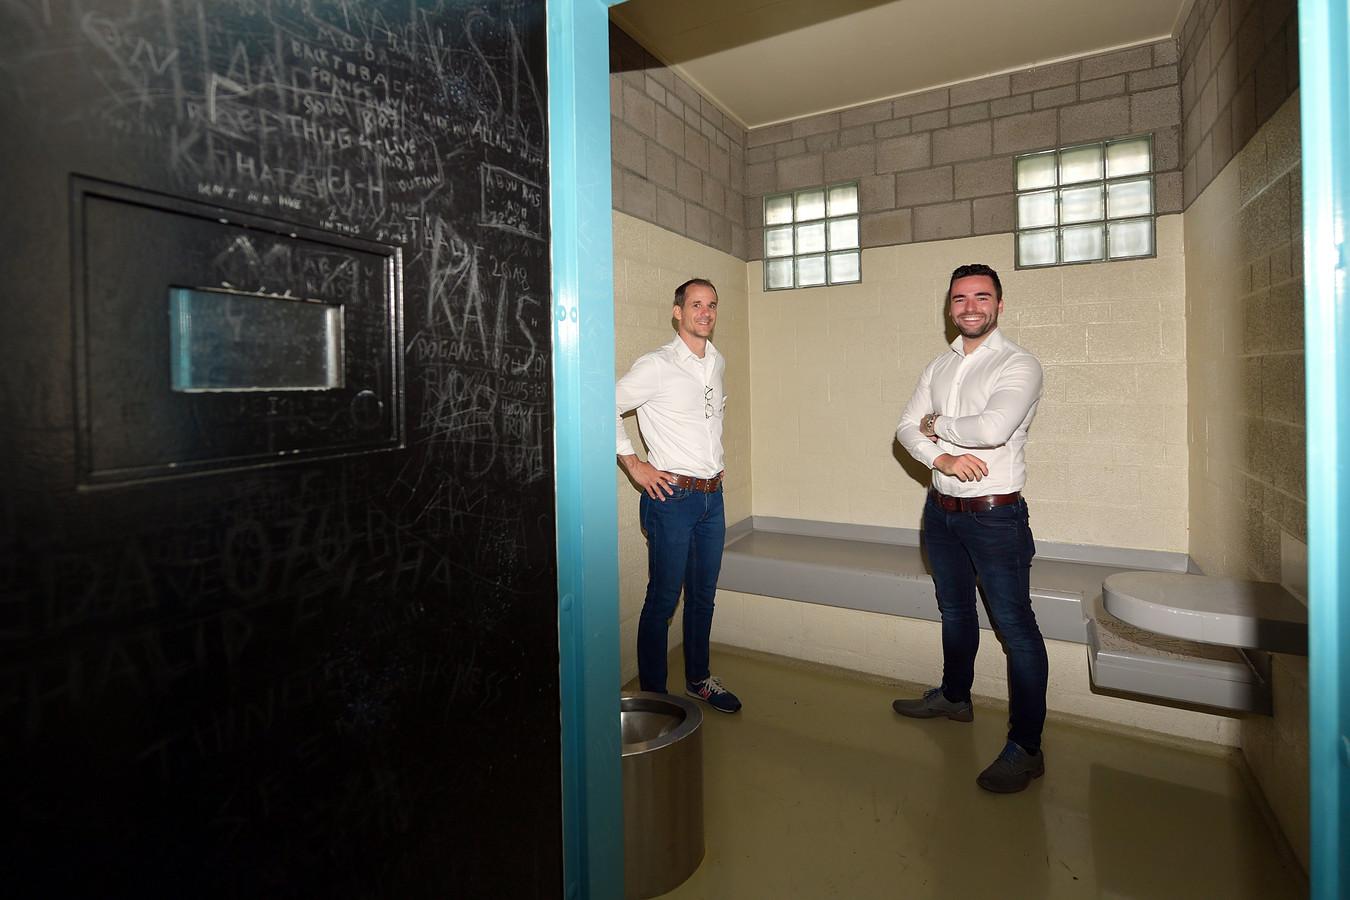 Zelfs de cellen gaan de verhuur in. En daar gaat vastgoedbeheerder Boy van der Velde (rechts) voor zorgen. Links naast hem Bart van Loenhout, vastgoedmanager bij de gemeente Bergen op Zoom.